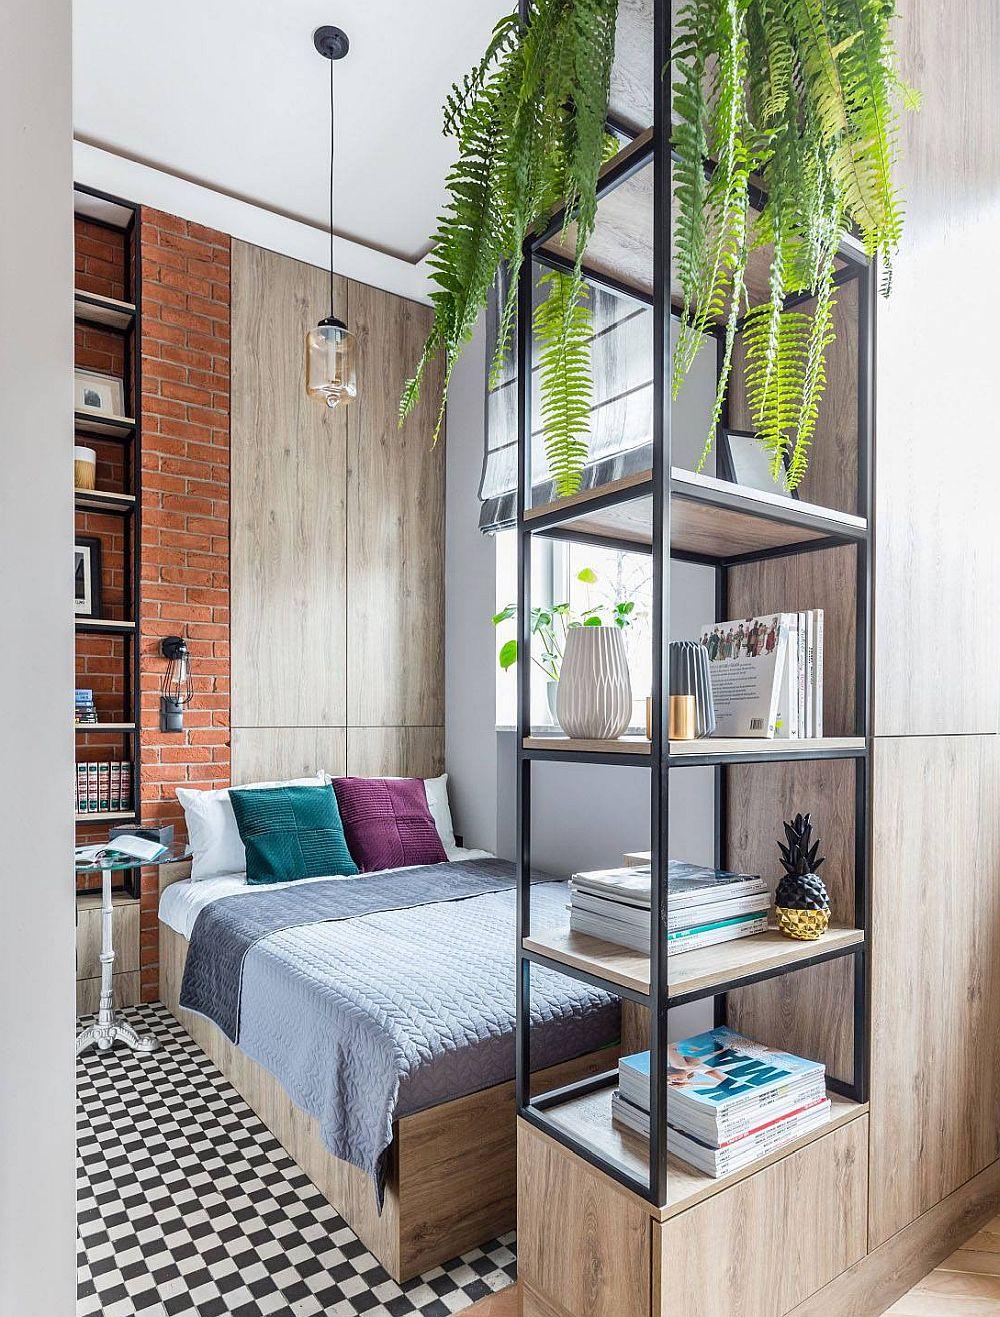 Spațiul de dormit de lângă fereastră are un pat cu o saltea de 140 cm lățime. Copromisul a fost de a poziționa patul astfel încât accesul la el să se facă pe două laturi, deci pratic este pus pe lângă parapetul ferestrei. În spatele lui nișele sunt folosite ca spații de depozitare închise. Separarea față de cameră este făcută printr-o etajeră cu structură metalică.